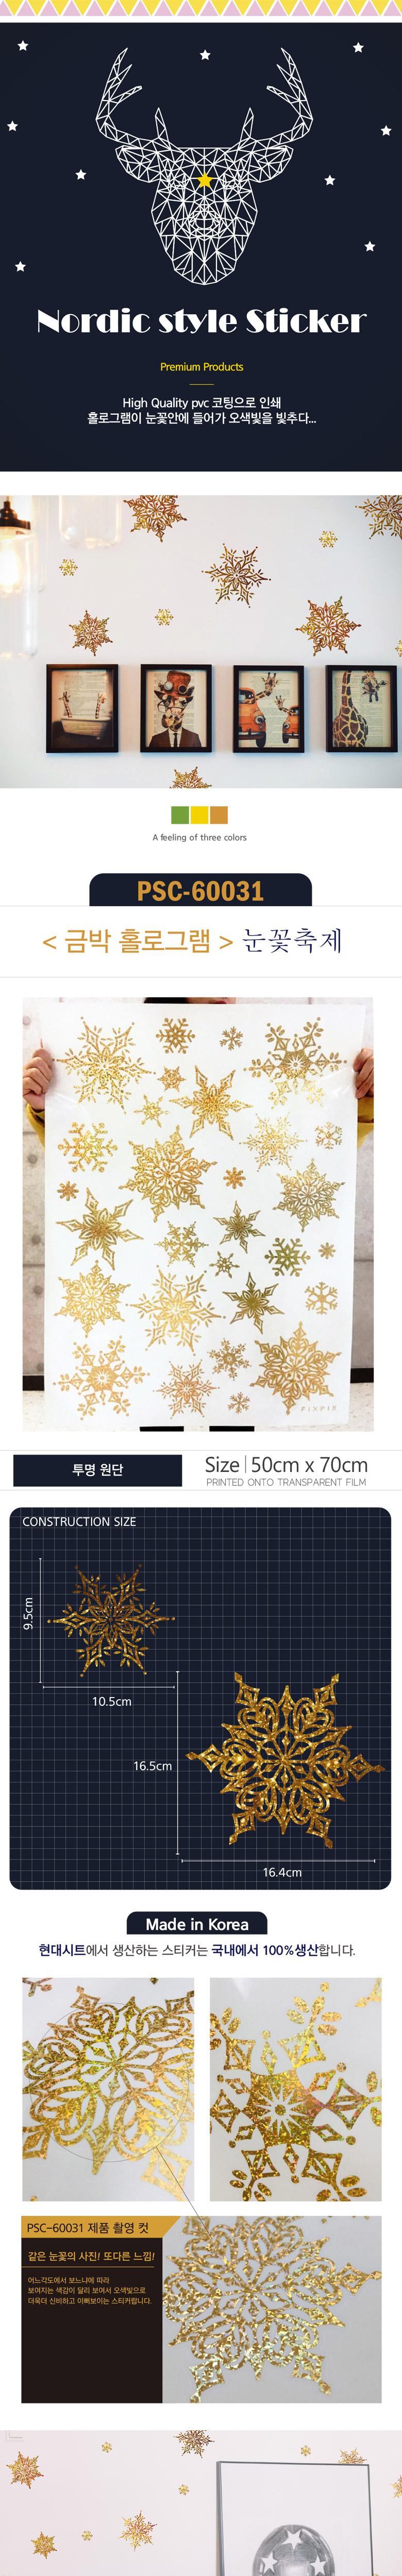 PSC-60031 눈꽃 금박 홀로그램 - 케이알인터내셔날, 11,000원, 월데코스티커, 계절/시즌